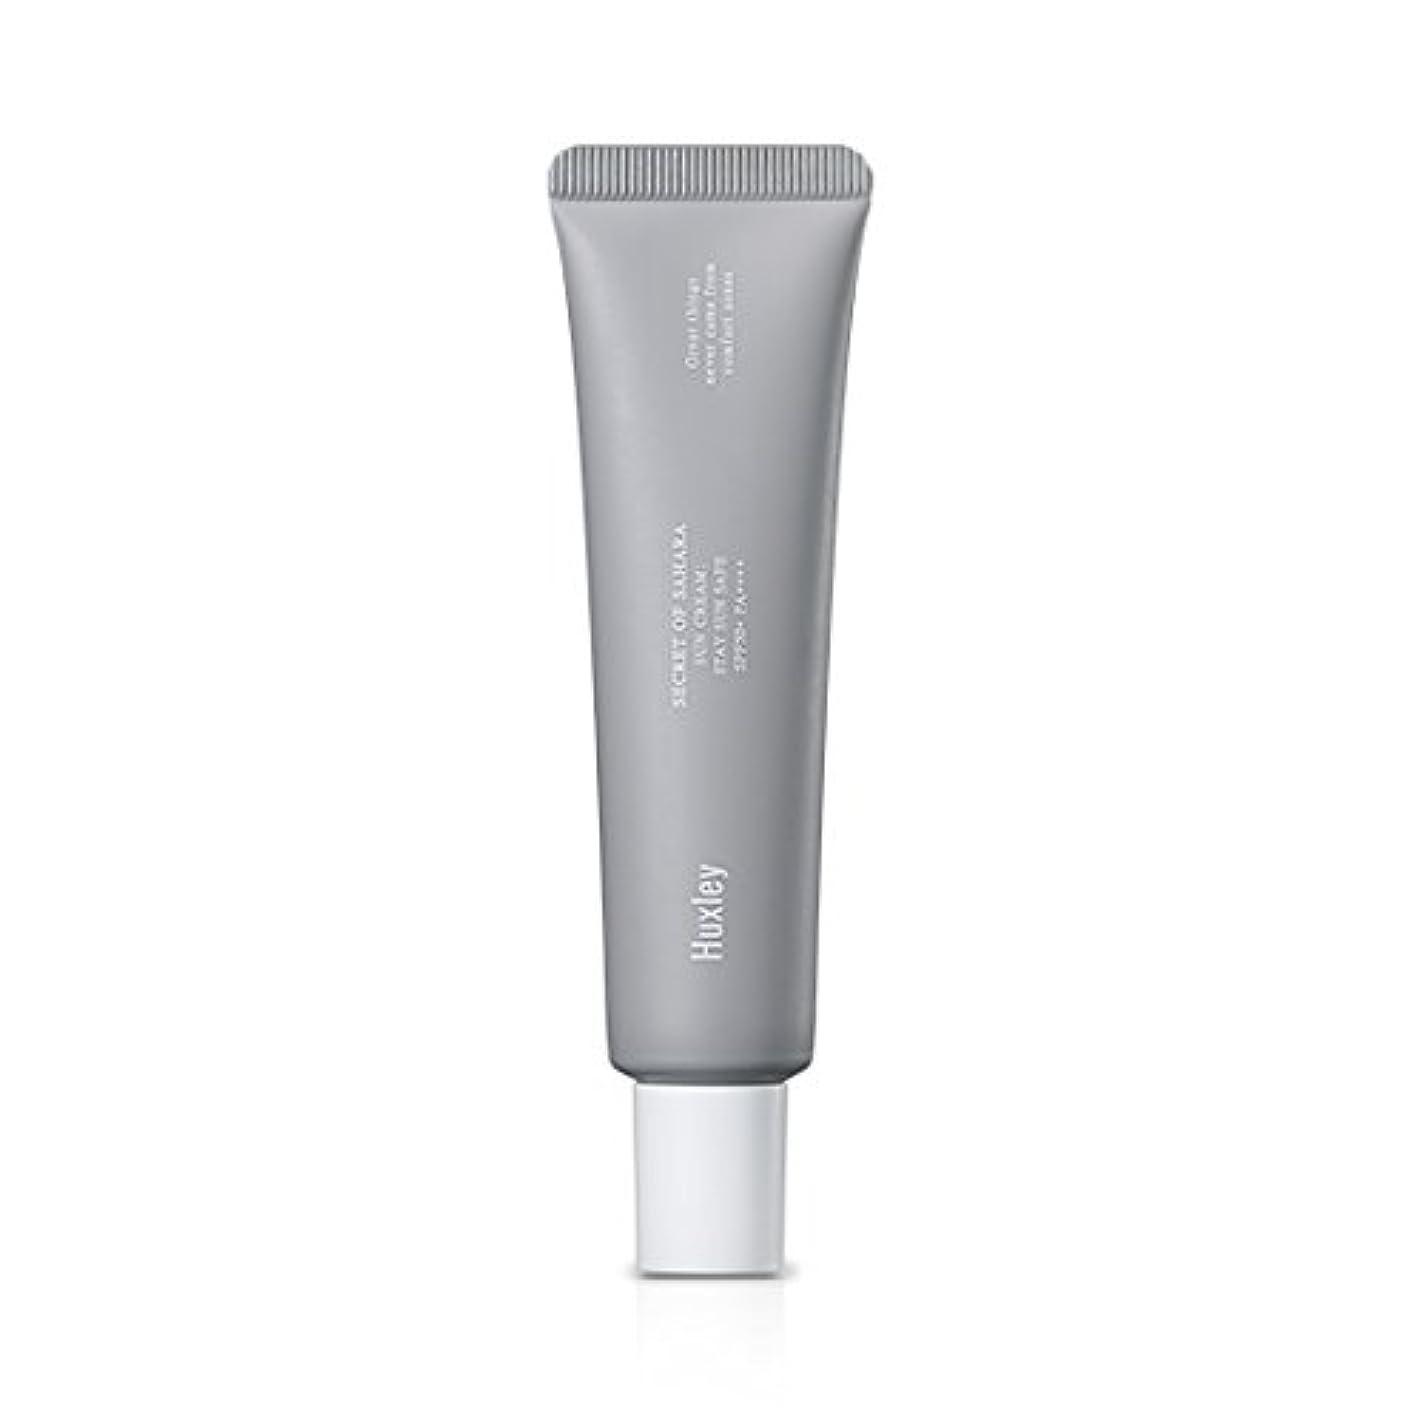 結核永続欠員Huxley Sun Cream;Stay Sun Safe 35ml (SPF50+ PA++++)/ハクスリー サンクリーム;ステイ サン セーフ 35ml (SPF50+ PA++++) [並行輸入品]